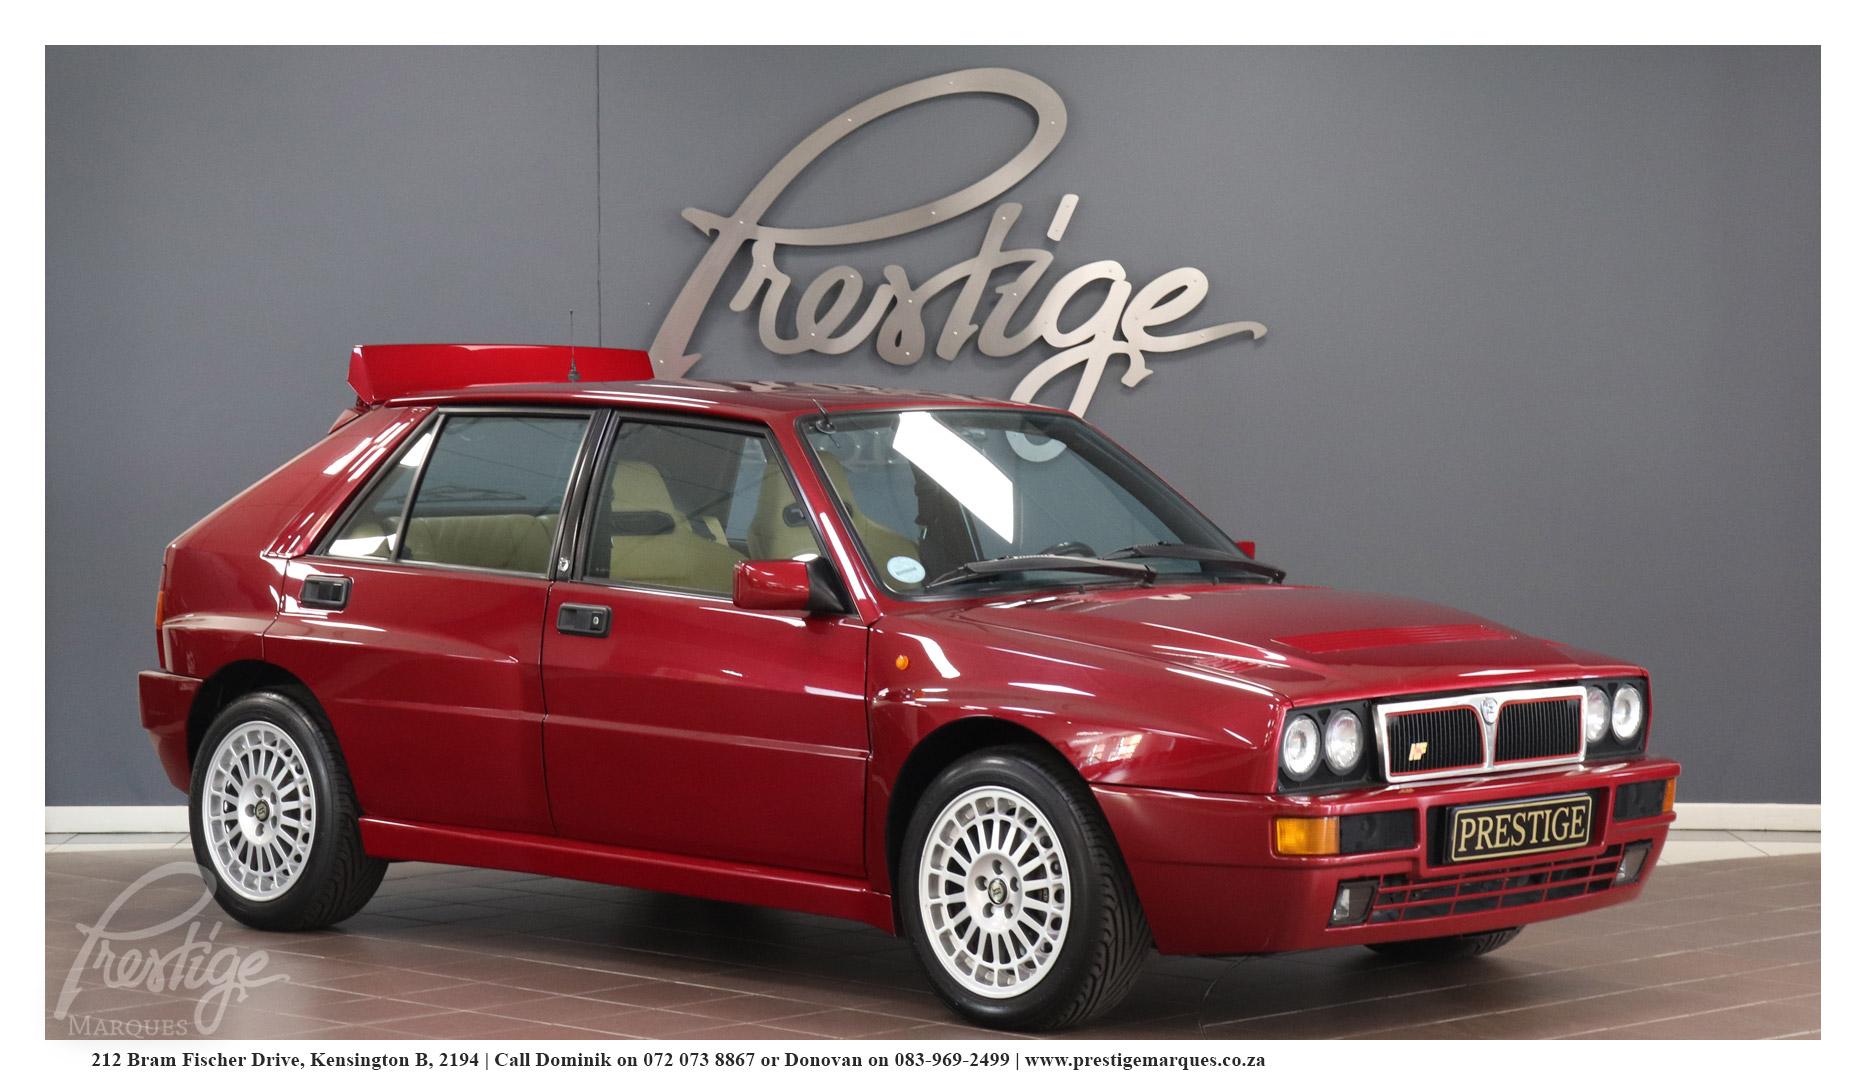 1995-Lancia-Delta-Integrale-Evo-2-Dealer-Collection-Prestige-Marques-Sandton-1